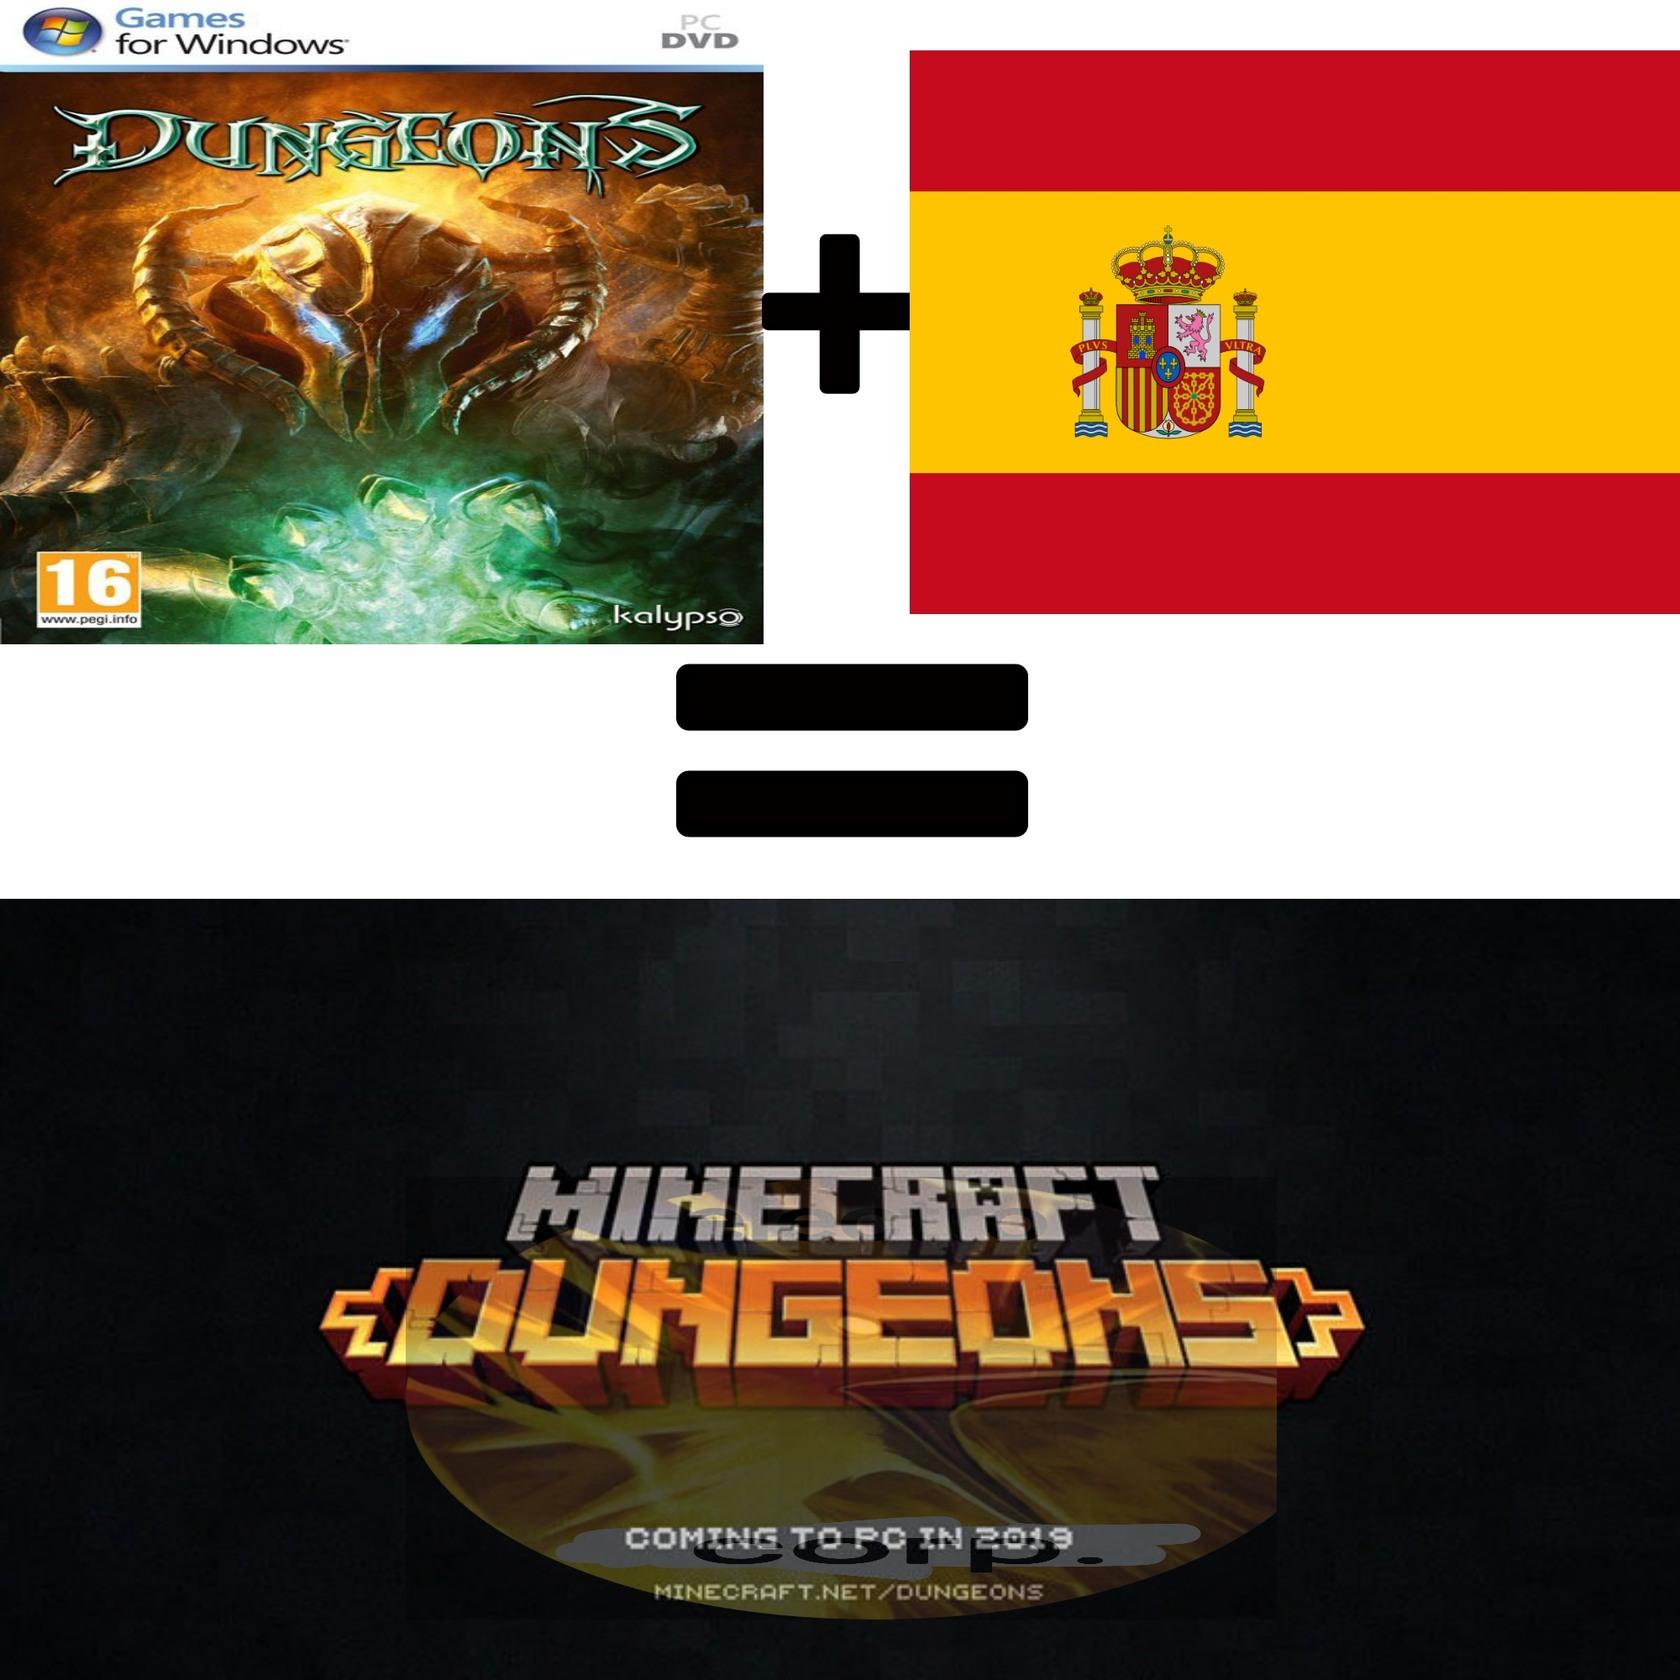 Quien dice que minecraft está muerto - meme